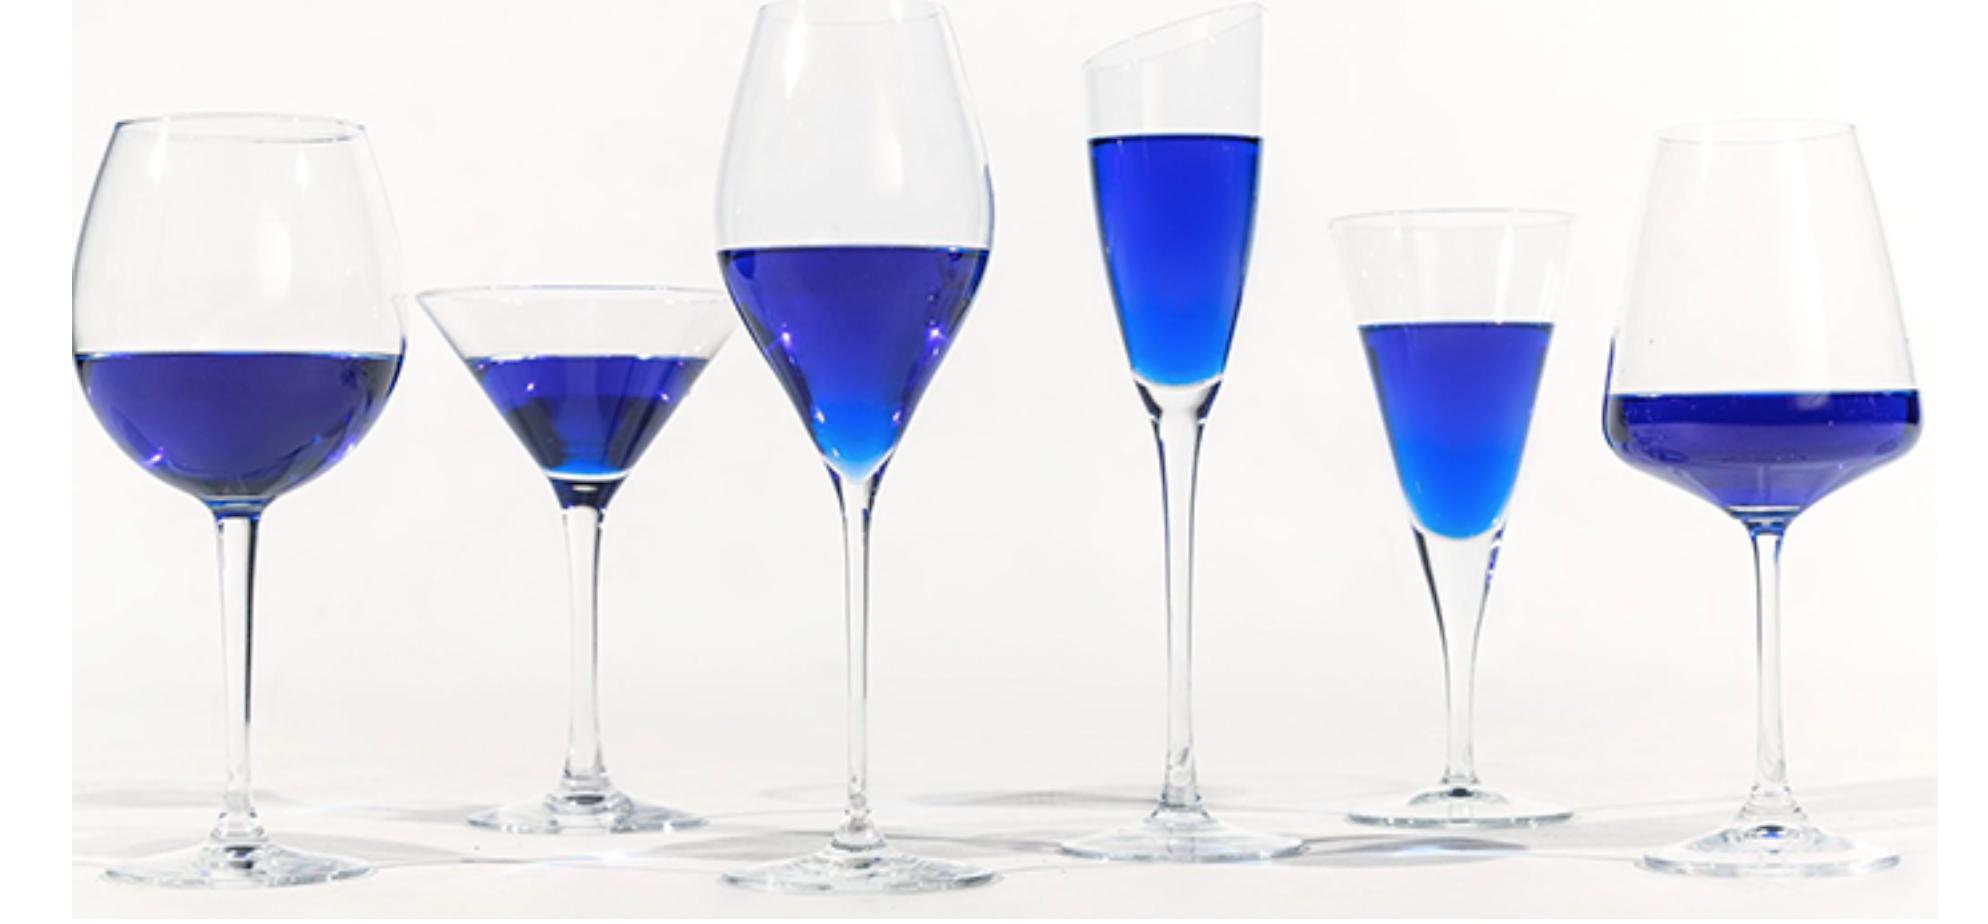 Blue prosecco and wine